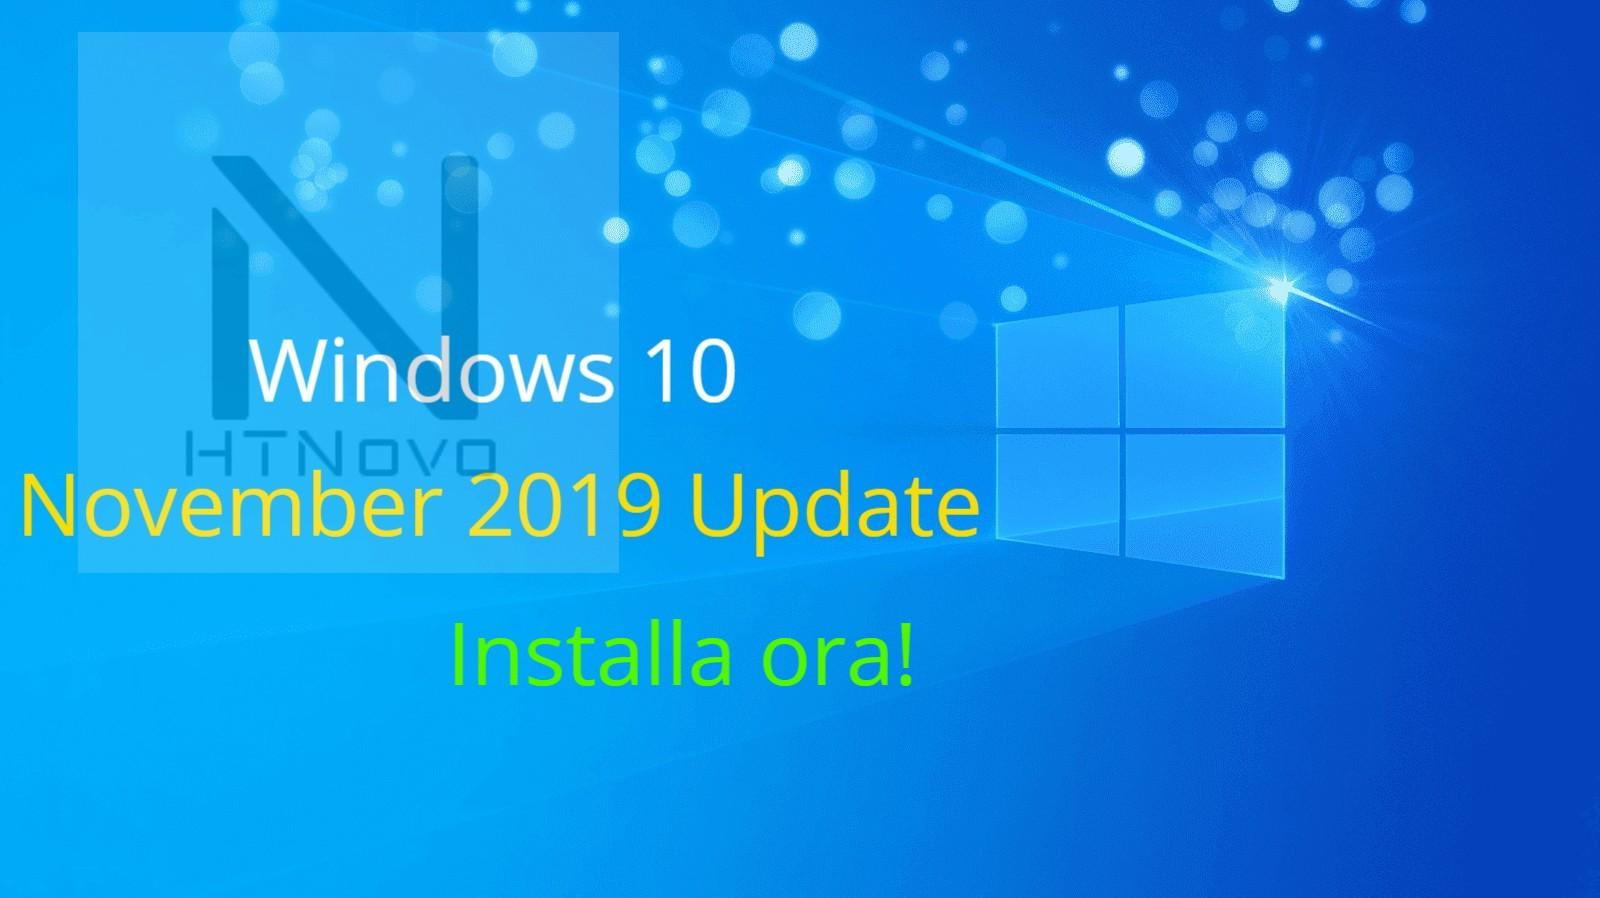 Come-installare-subito-Windows-10-versione-1909